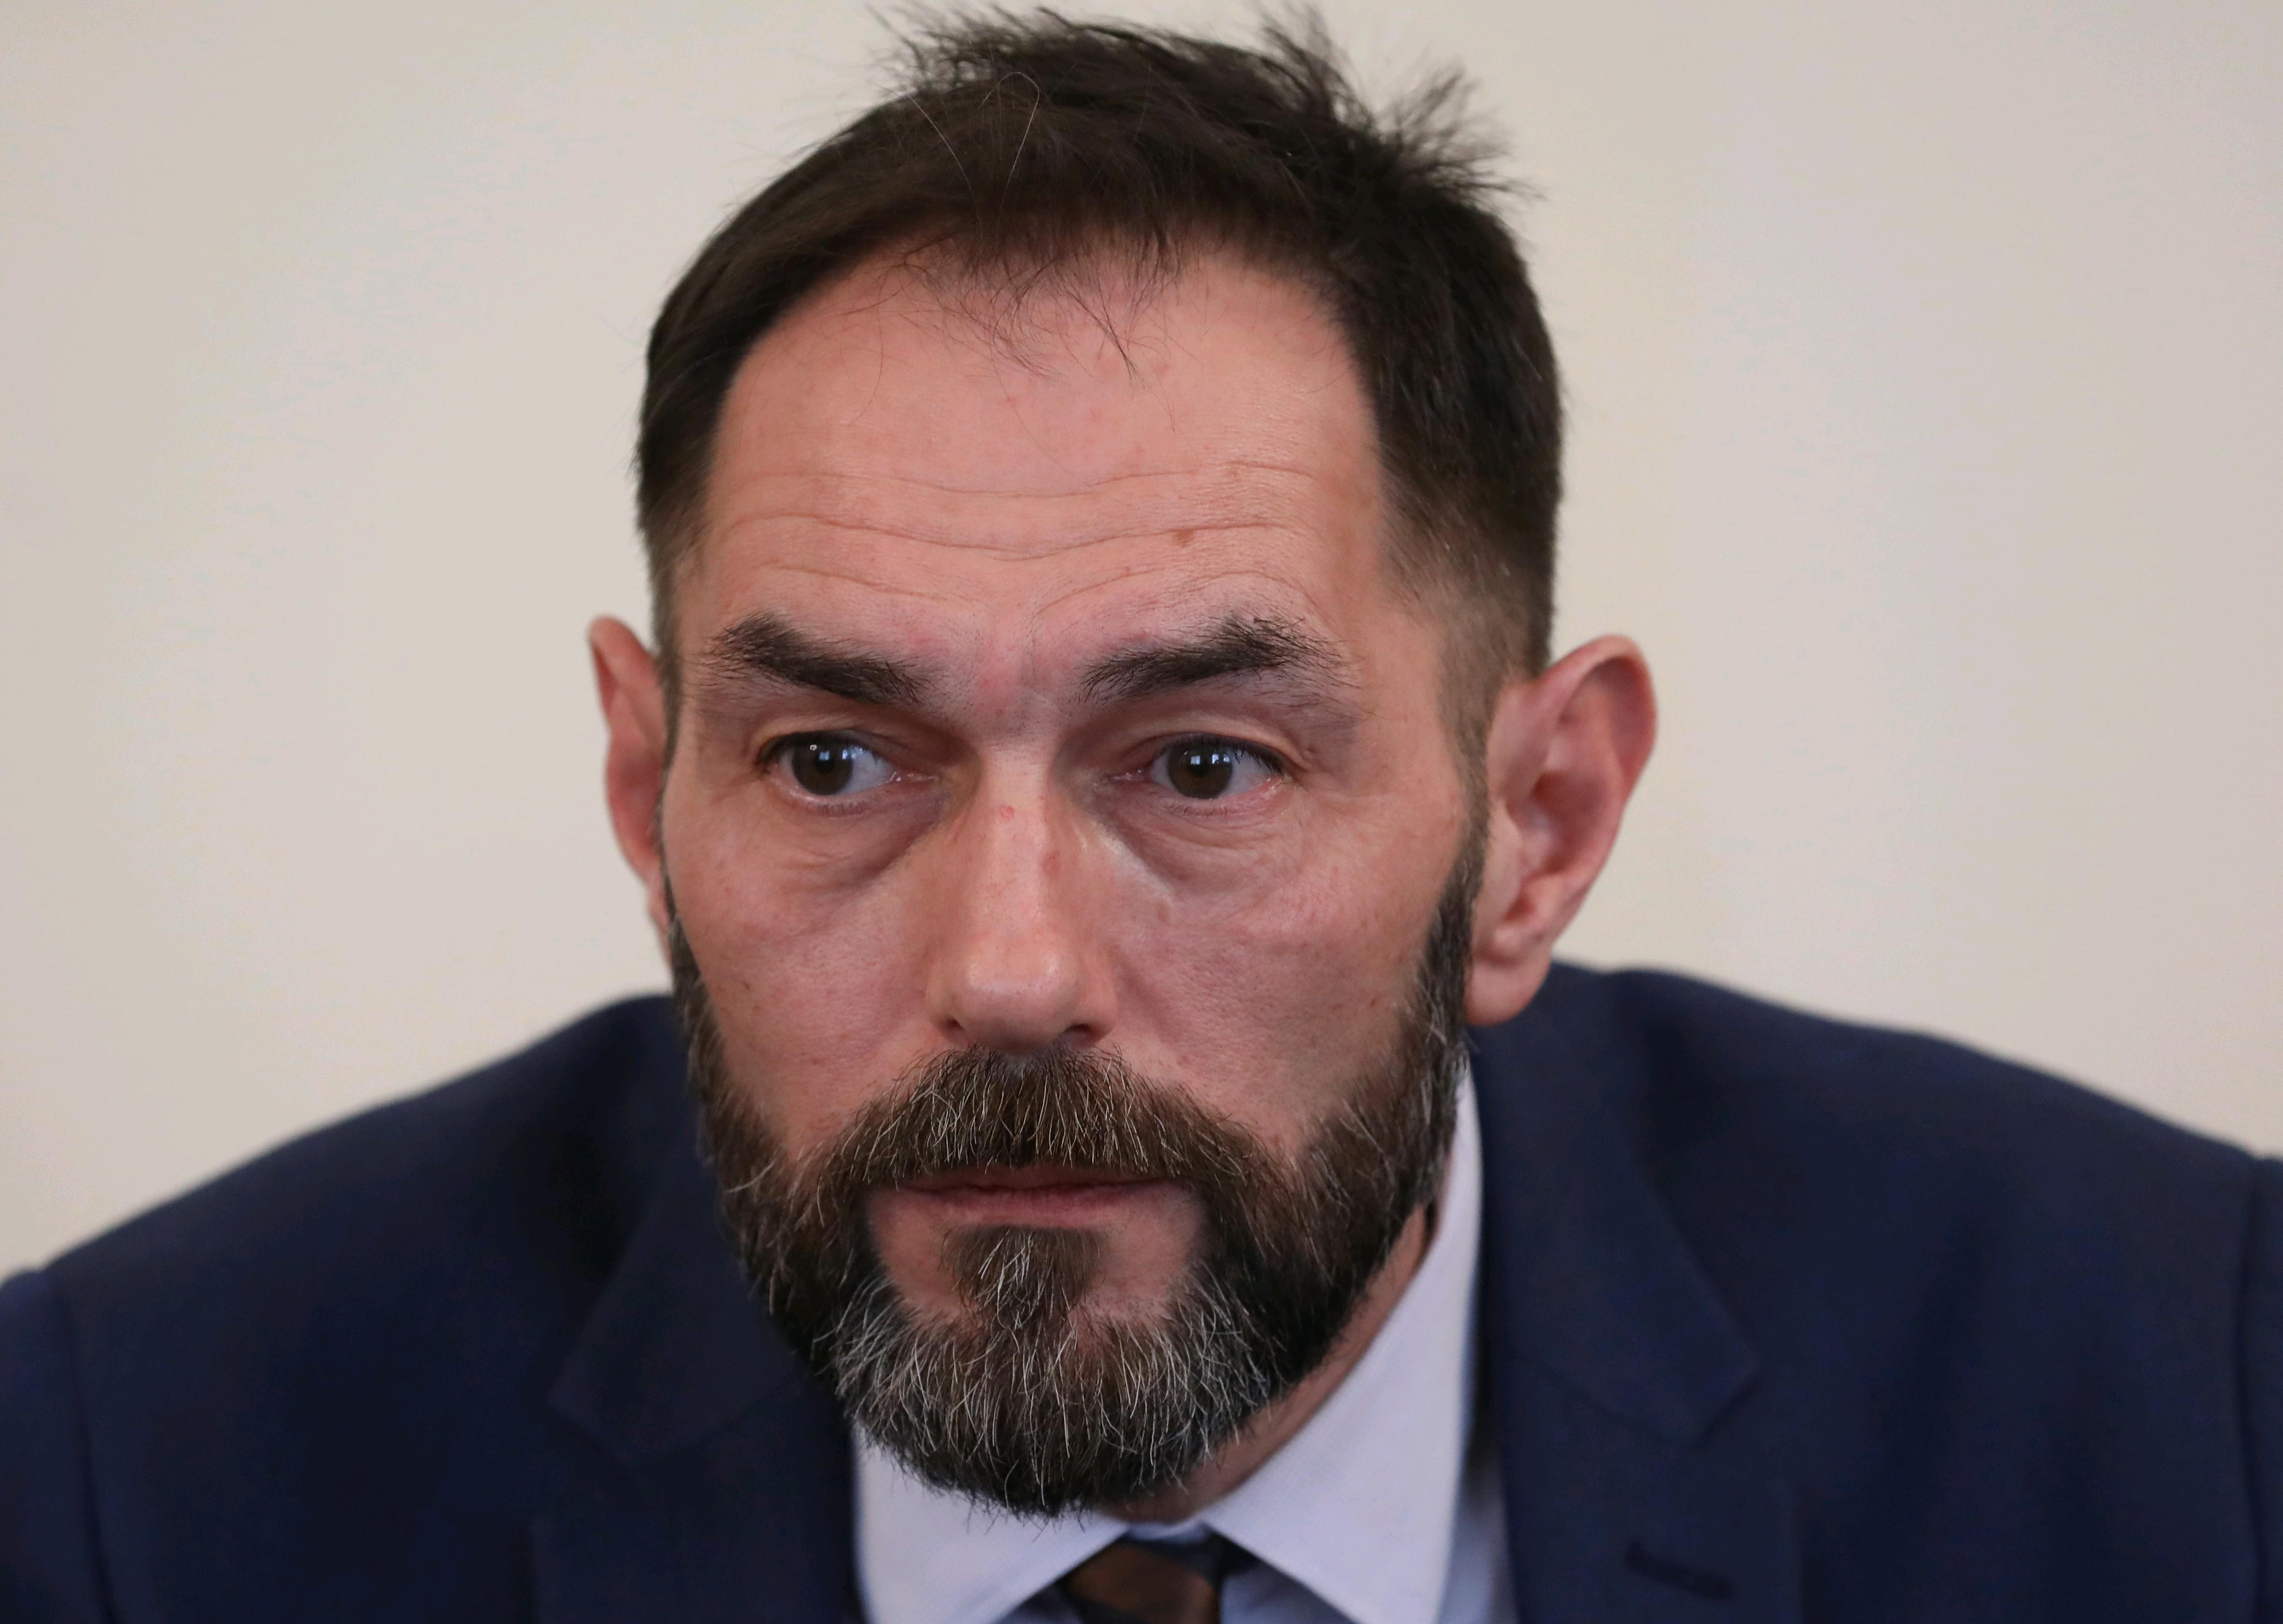 Jelenić preuzeo DORH, najavio glavne ciljeve